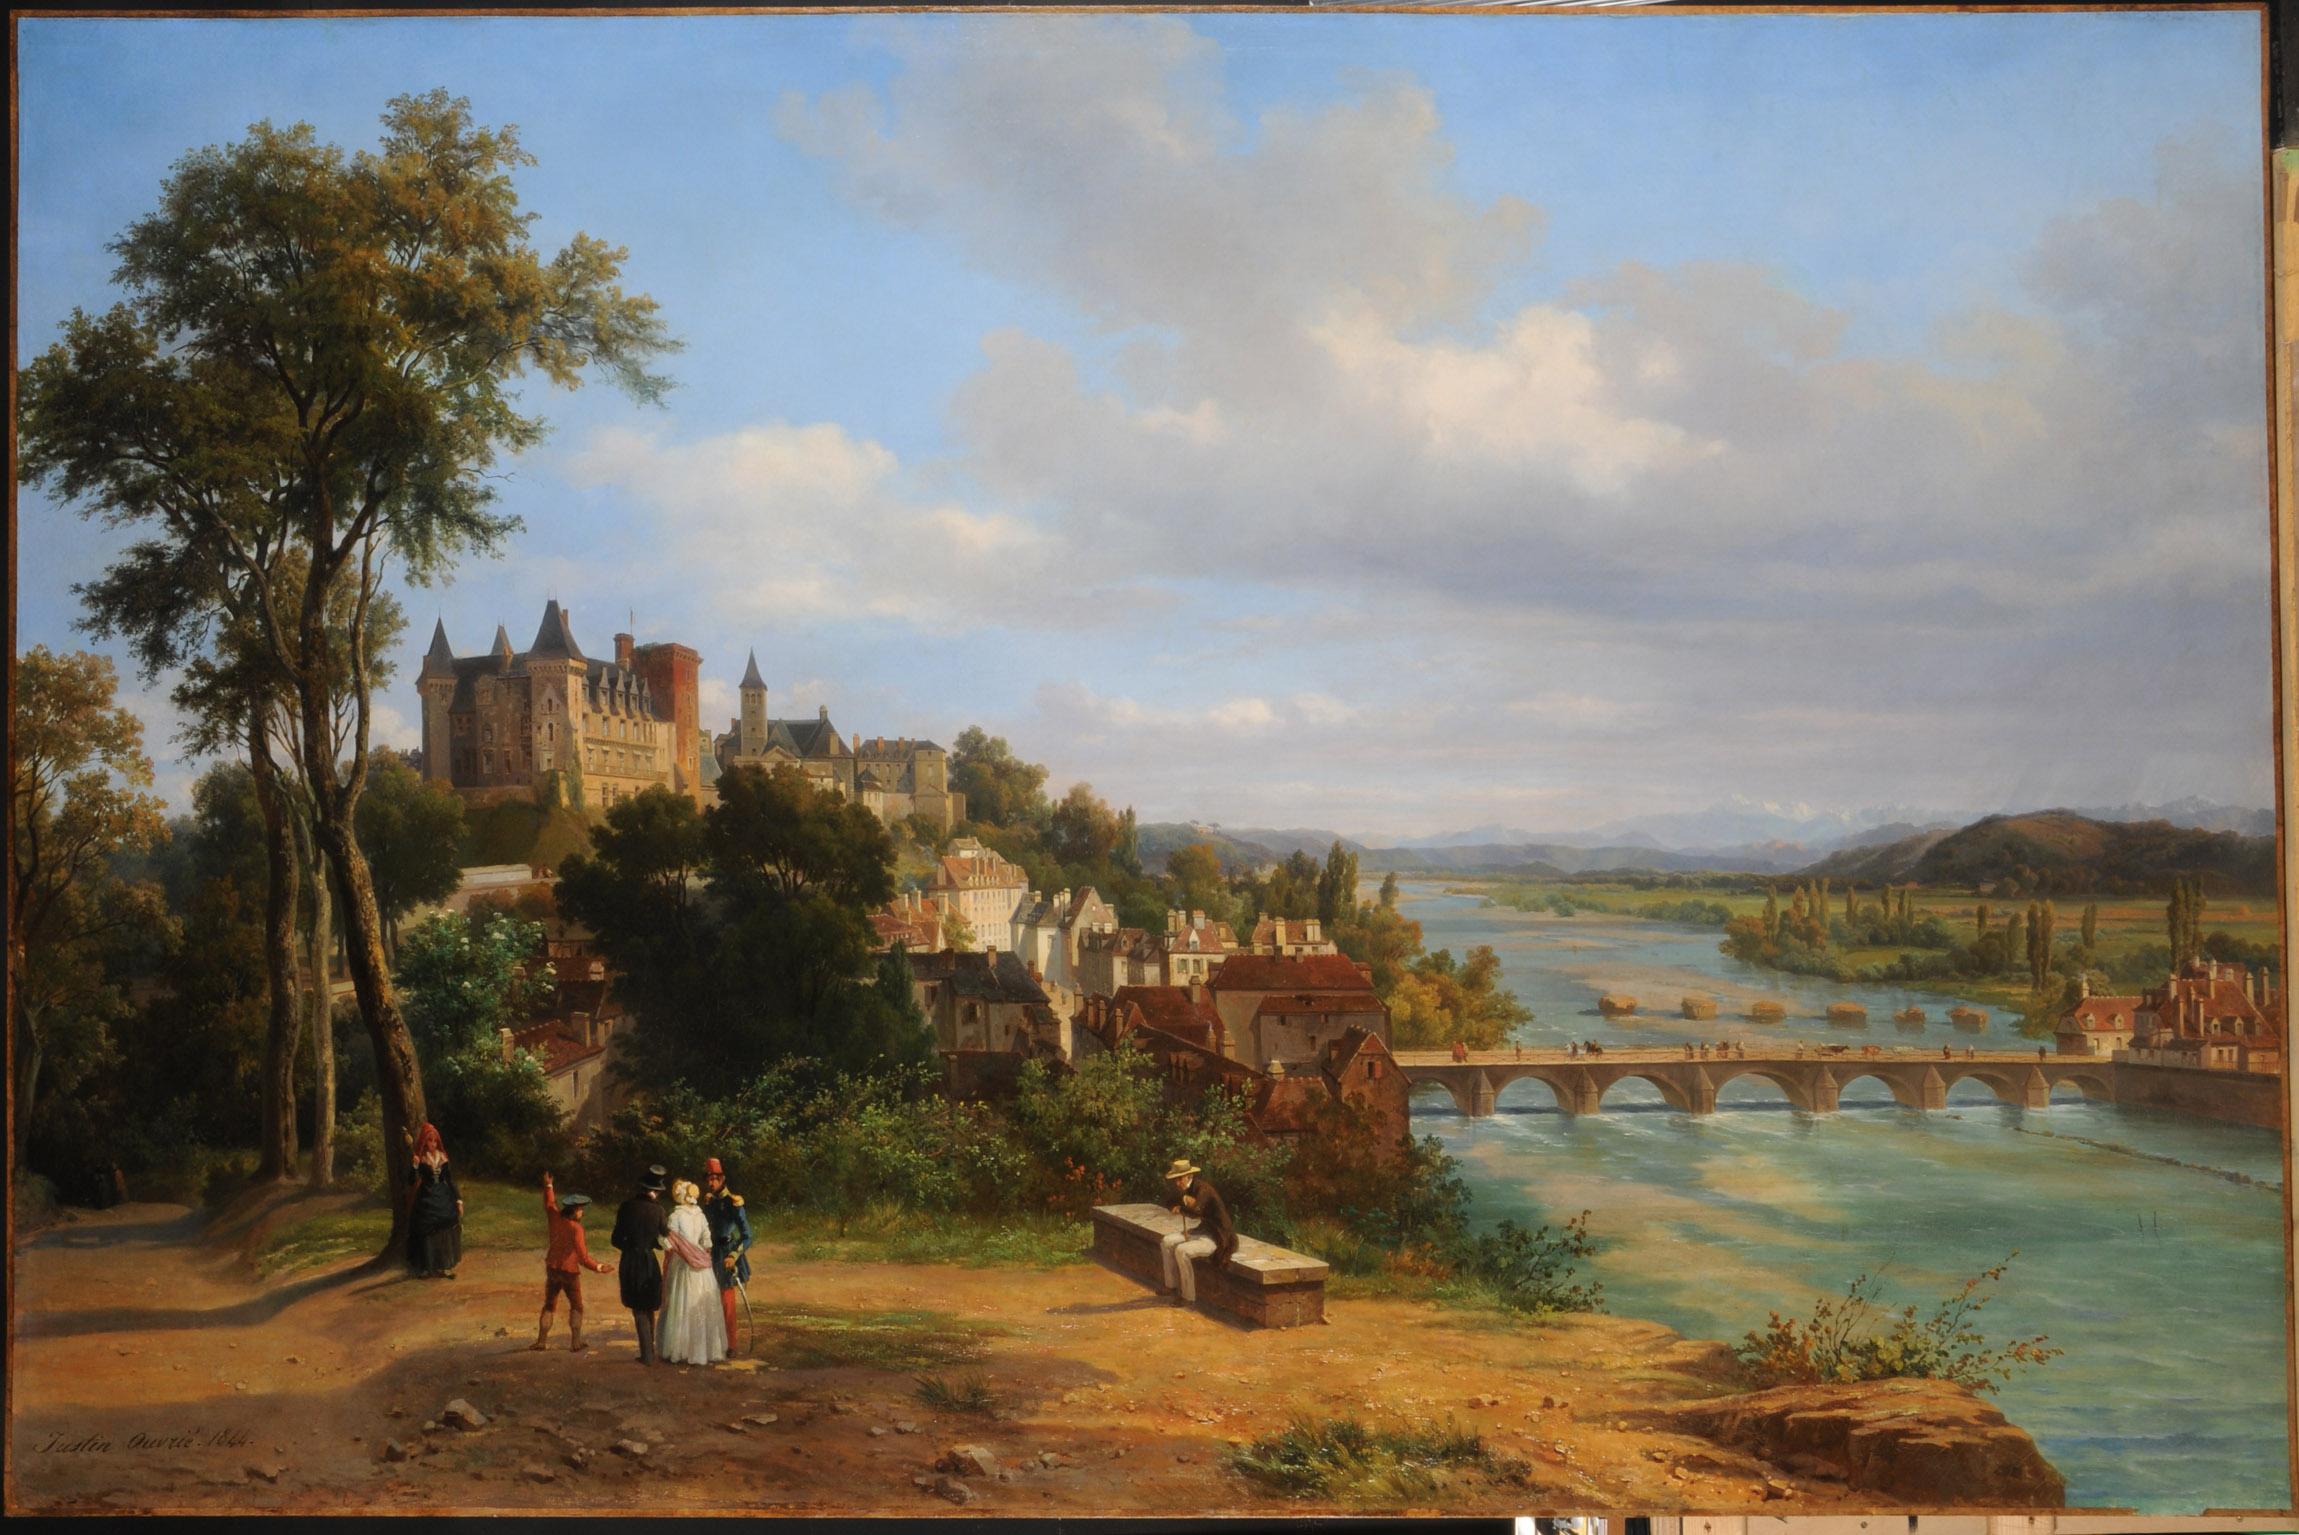 Vue d'ensemble du château - huile sur toile de Justin Ouvrié (1806-1879)